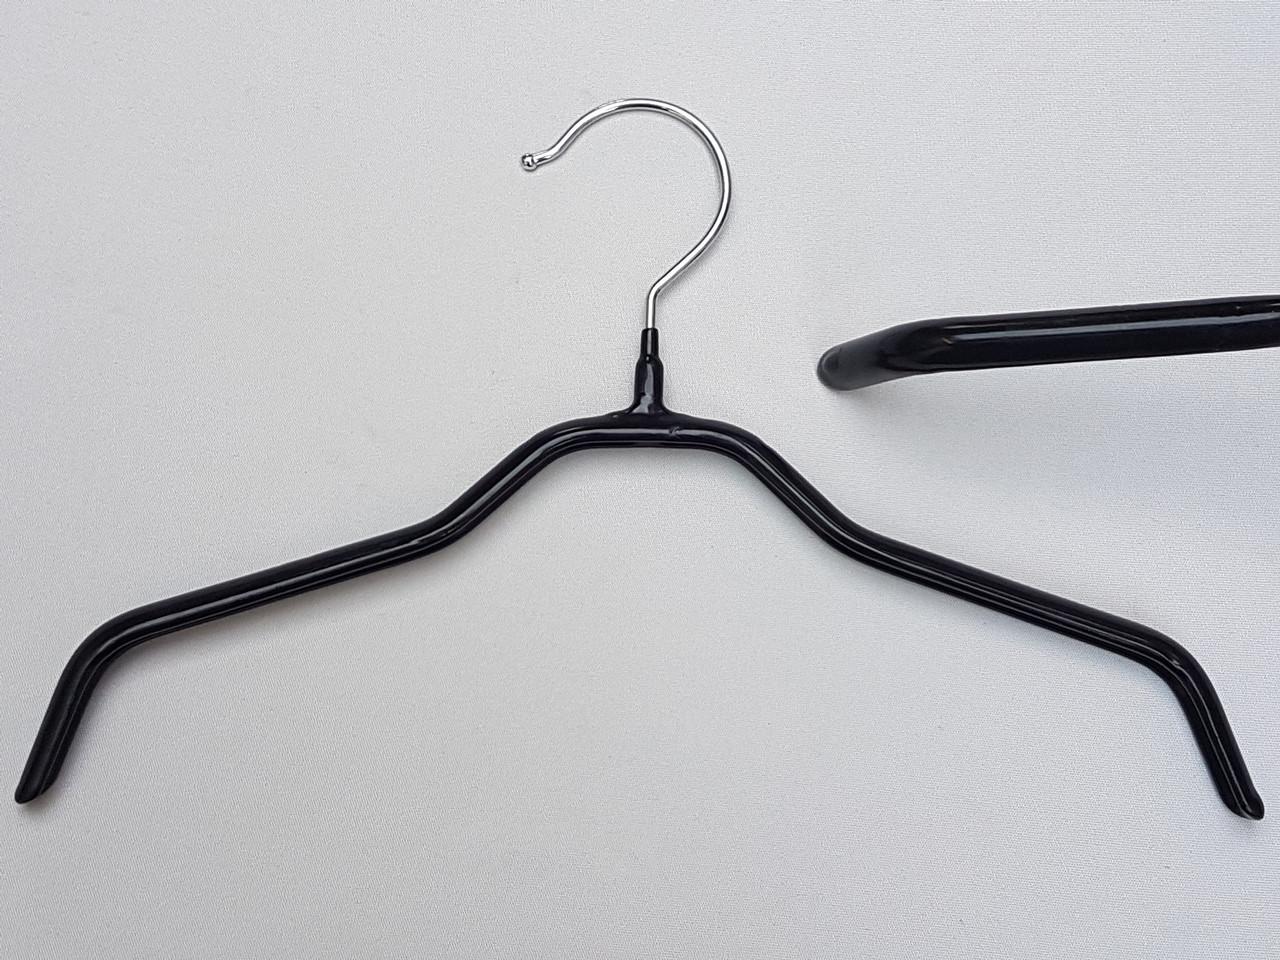 Плечики  вешалки  тремпеля детские металлические в силиконовом покрытии черного цвета, длина 30 см